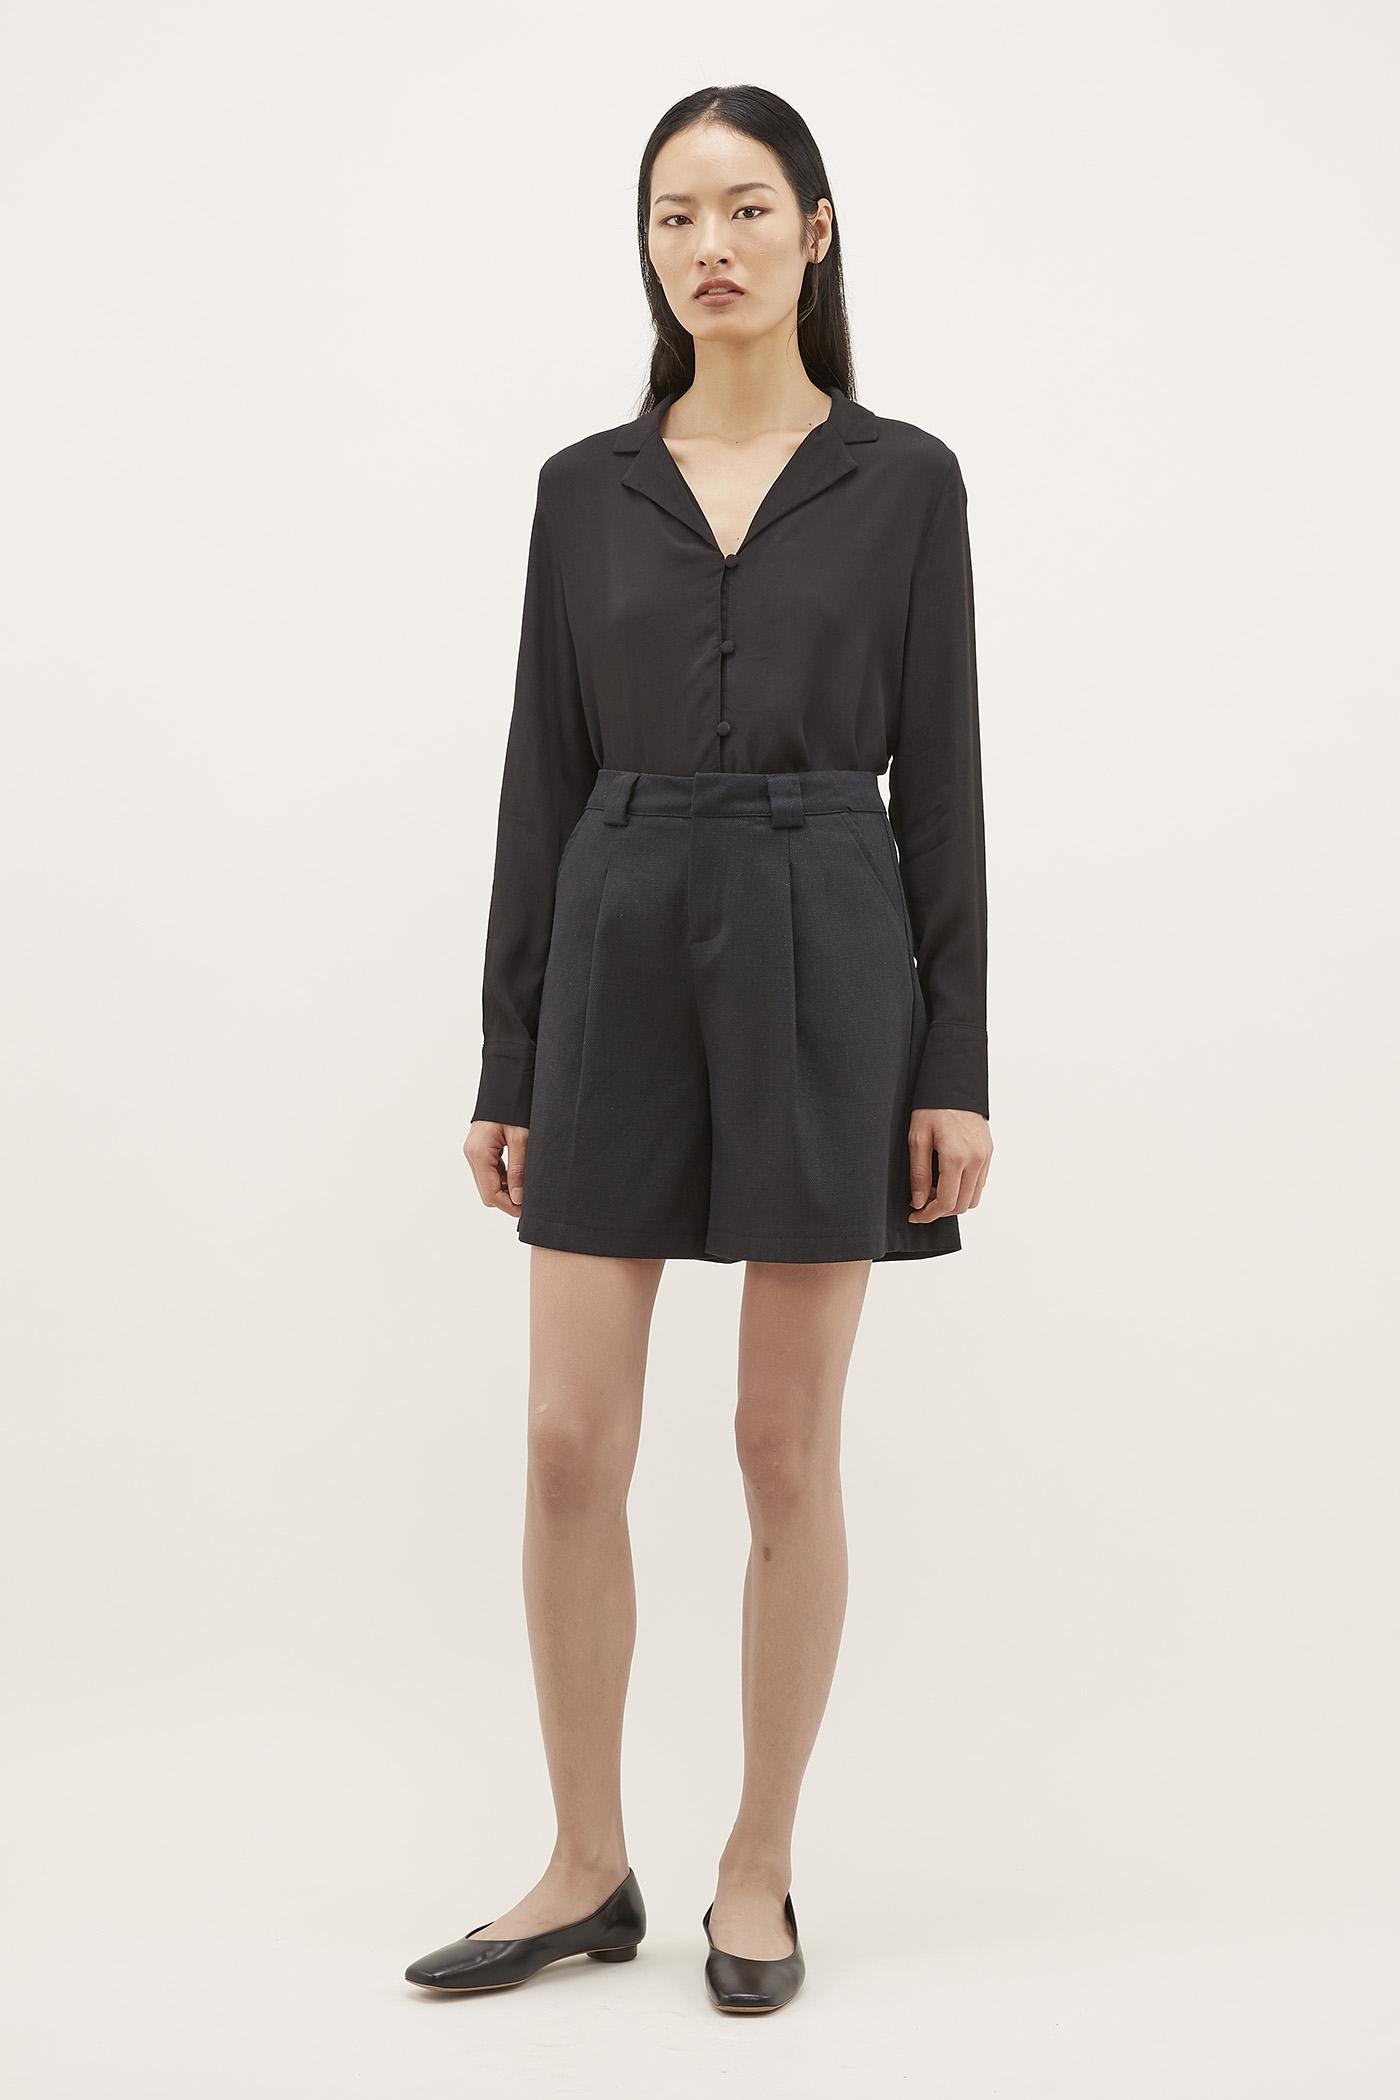 Shifa Pleat-front Shorts